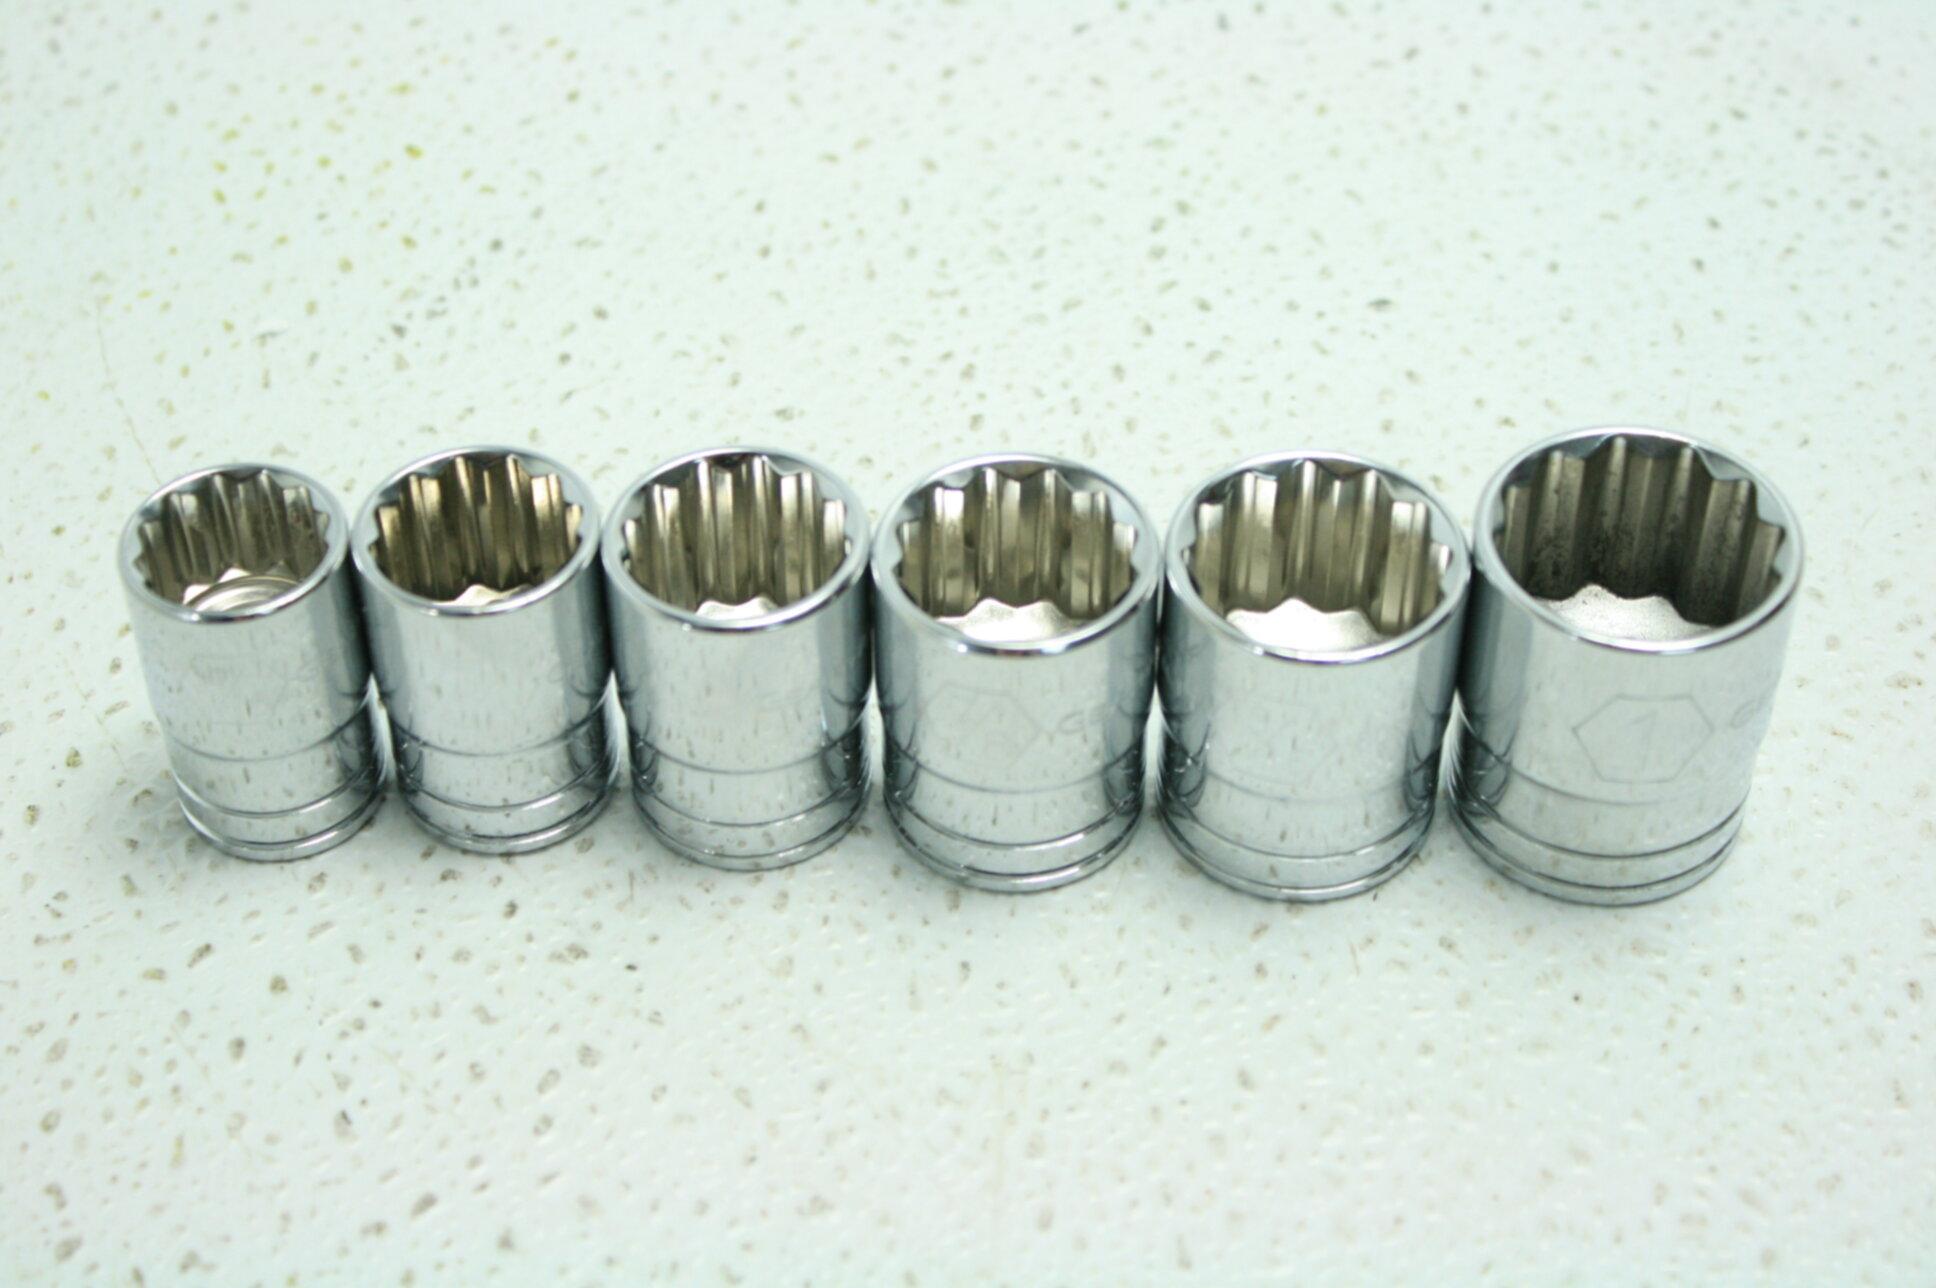 TUOREN Zinc Alloy Self Drilling Zinc Drywall Anchors #8 x 1-1//2-20pcs